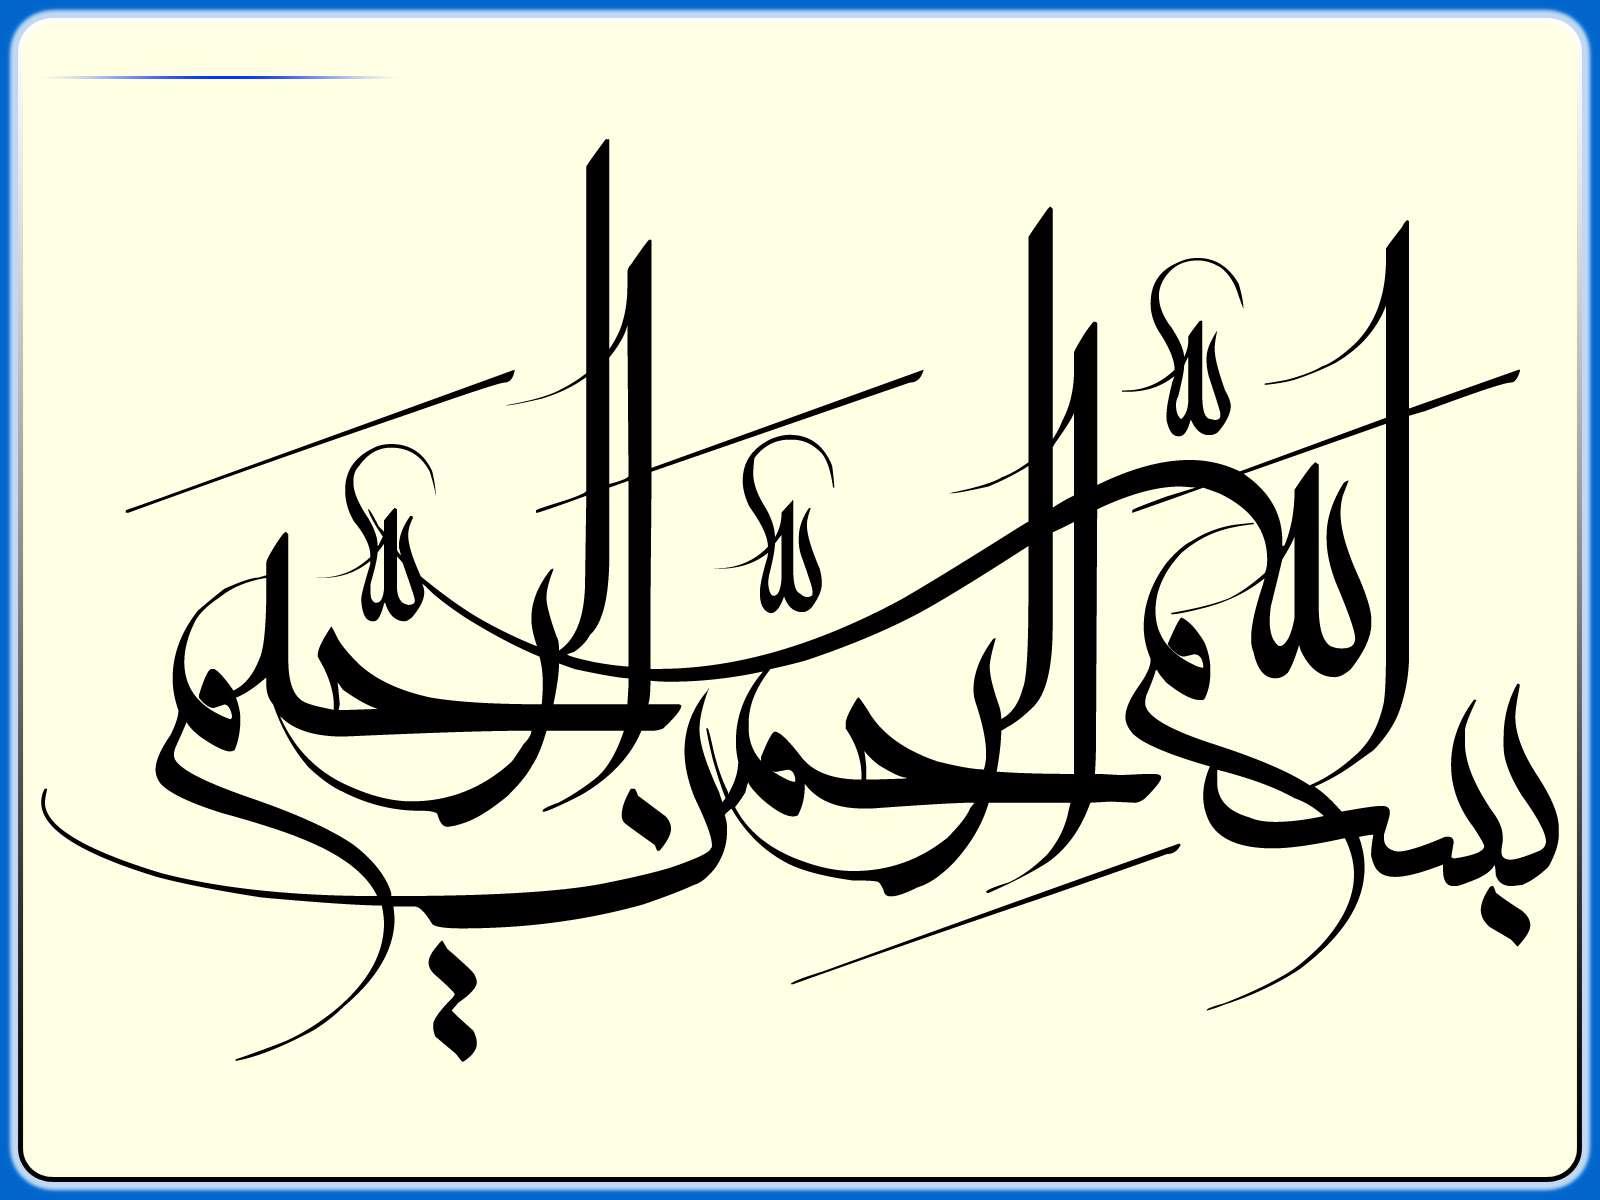 سه طرح آماده خوشنویسی با موضوع بسم الله شماره  چهارم